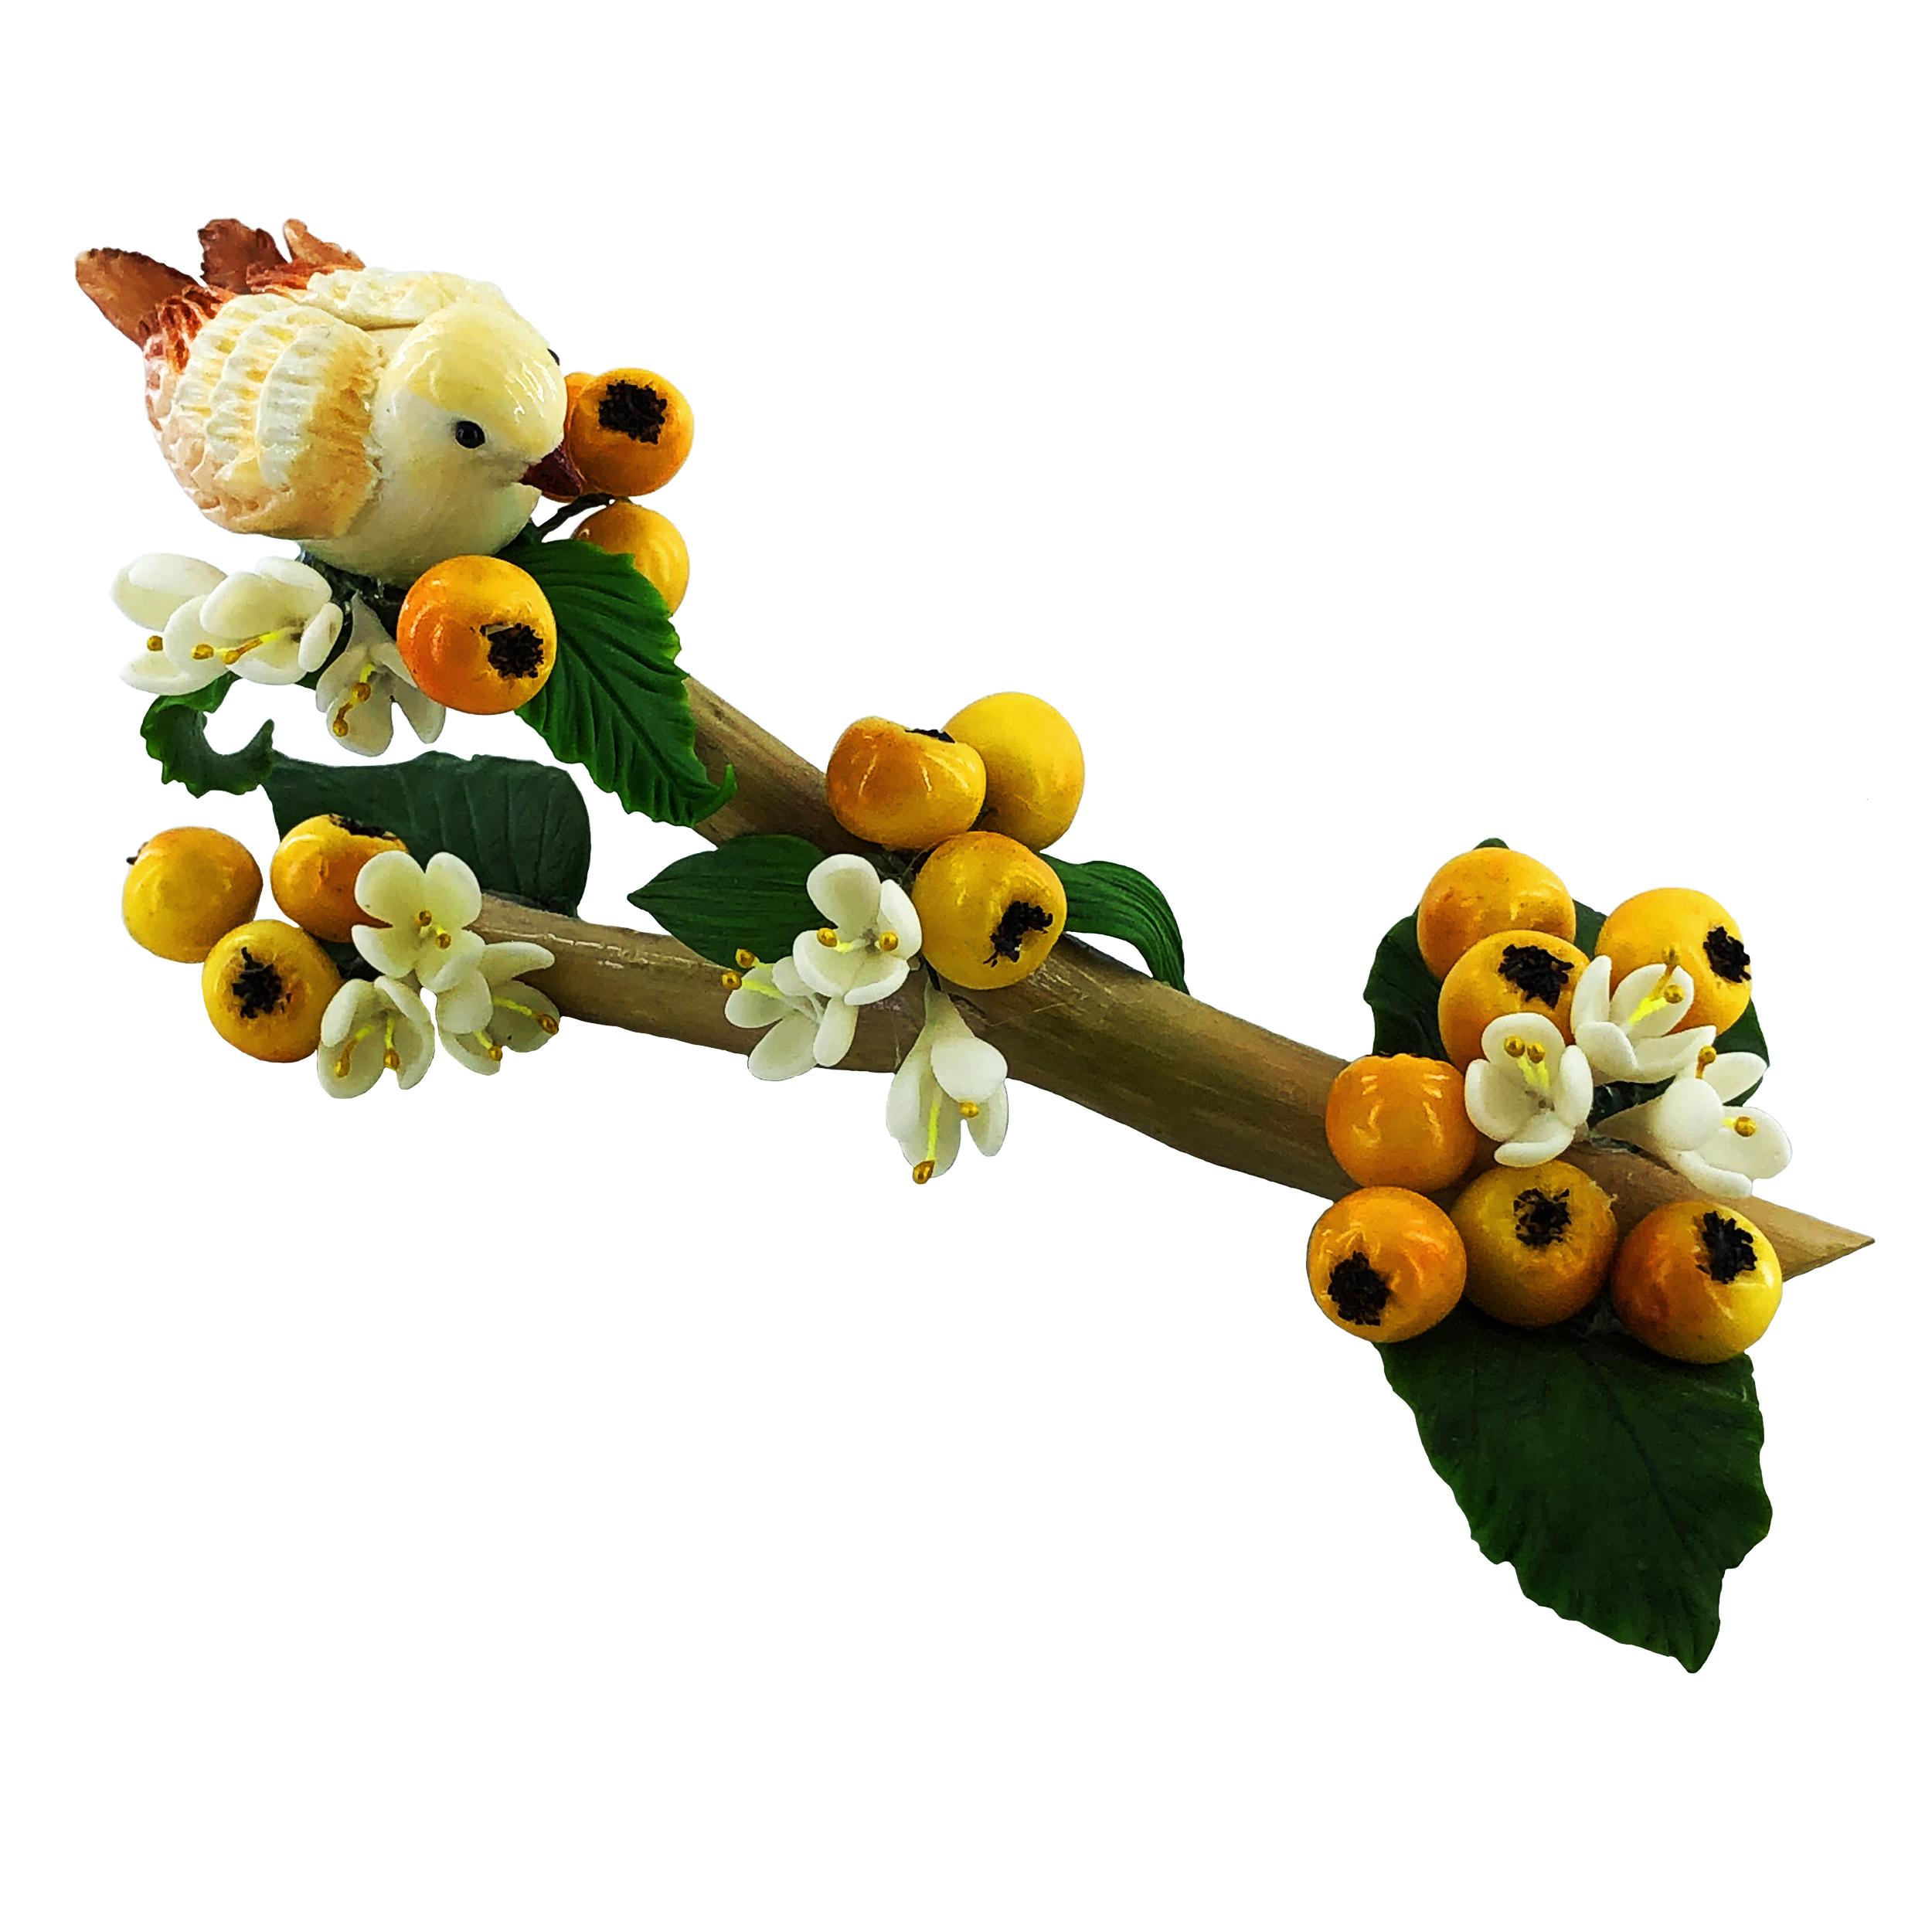 مجسمه طرح پرنده و شاخه درخت مدل GZ98393